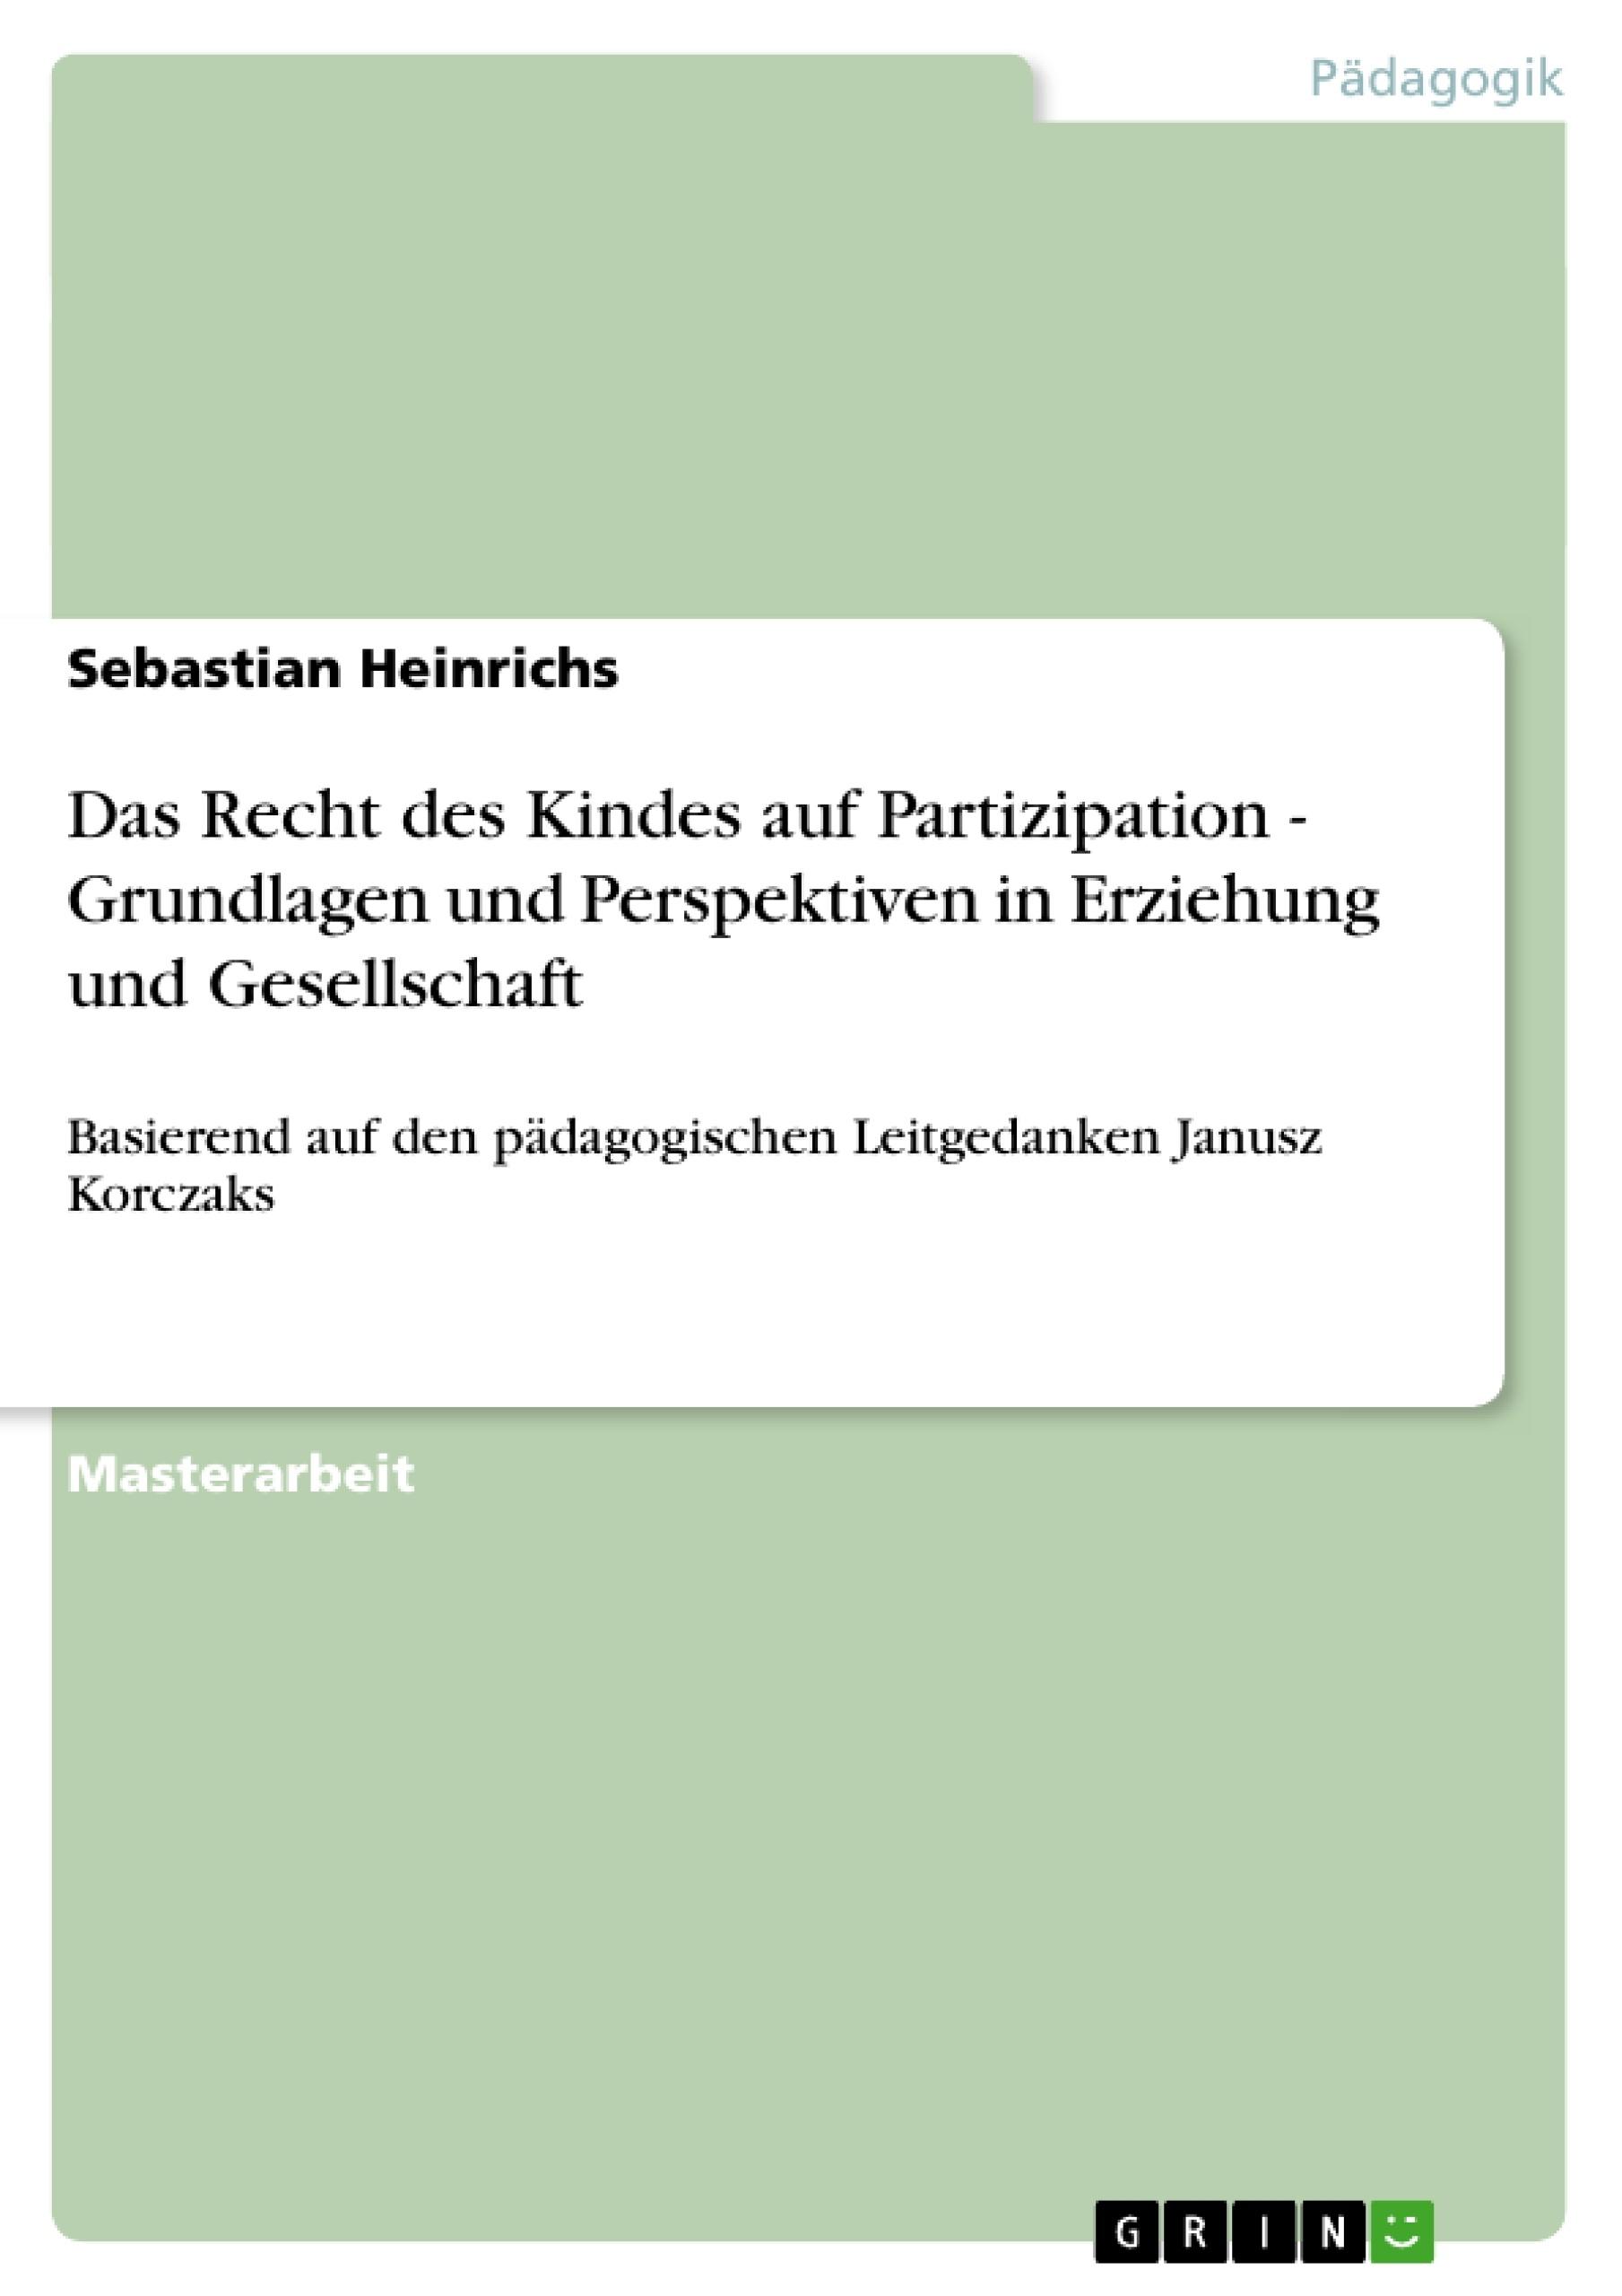 Titel: Das Recht des Kindes auf Partizipation - Grundlagen und Perspektiven in Erziehung und Gesellschaft